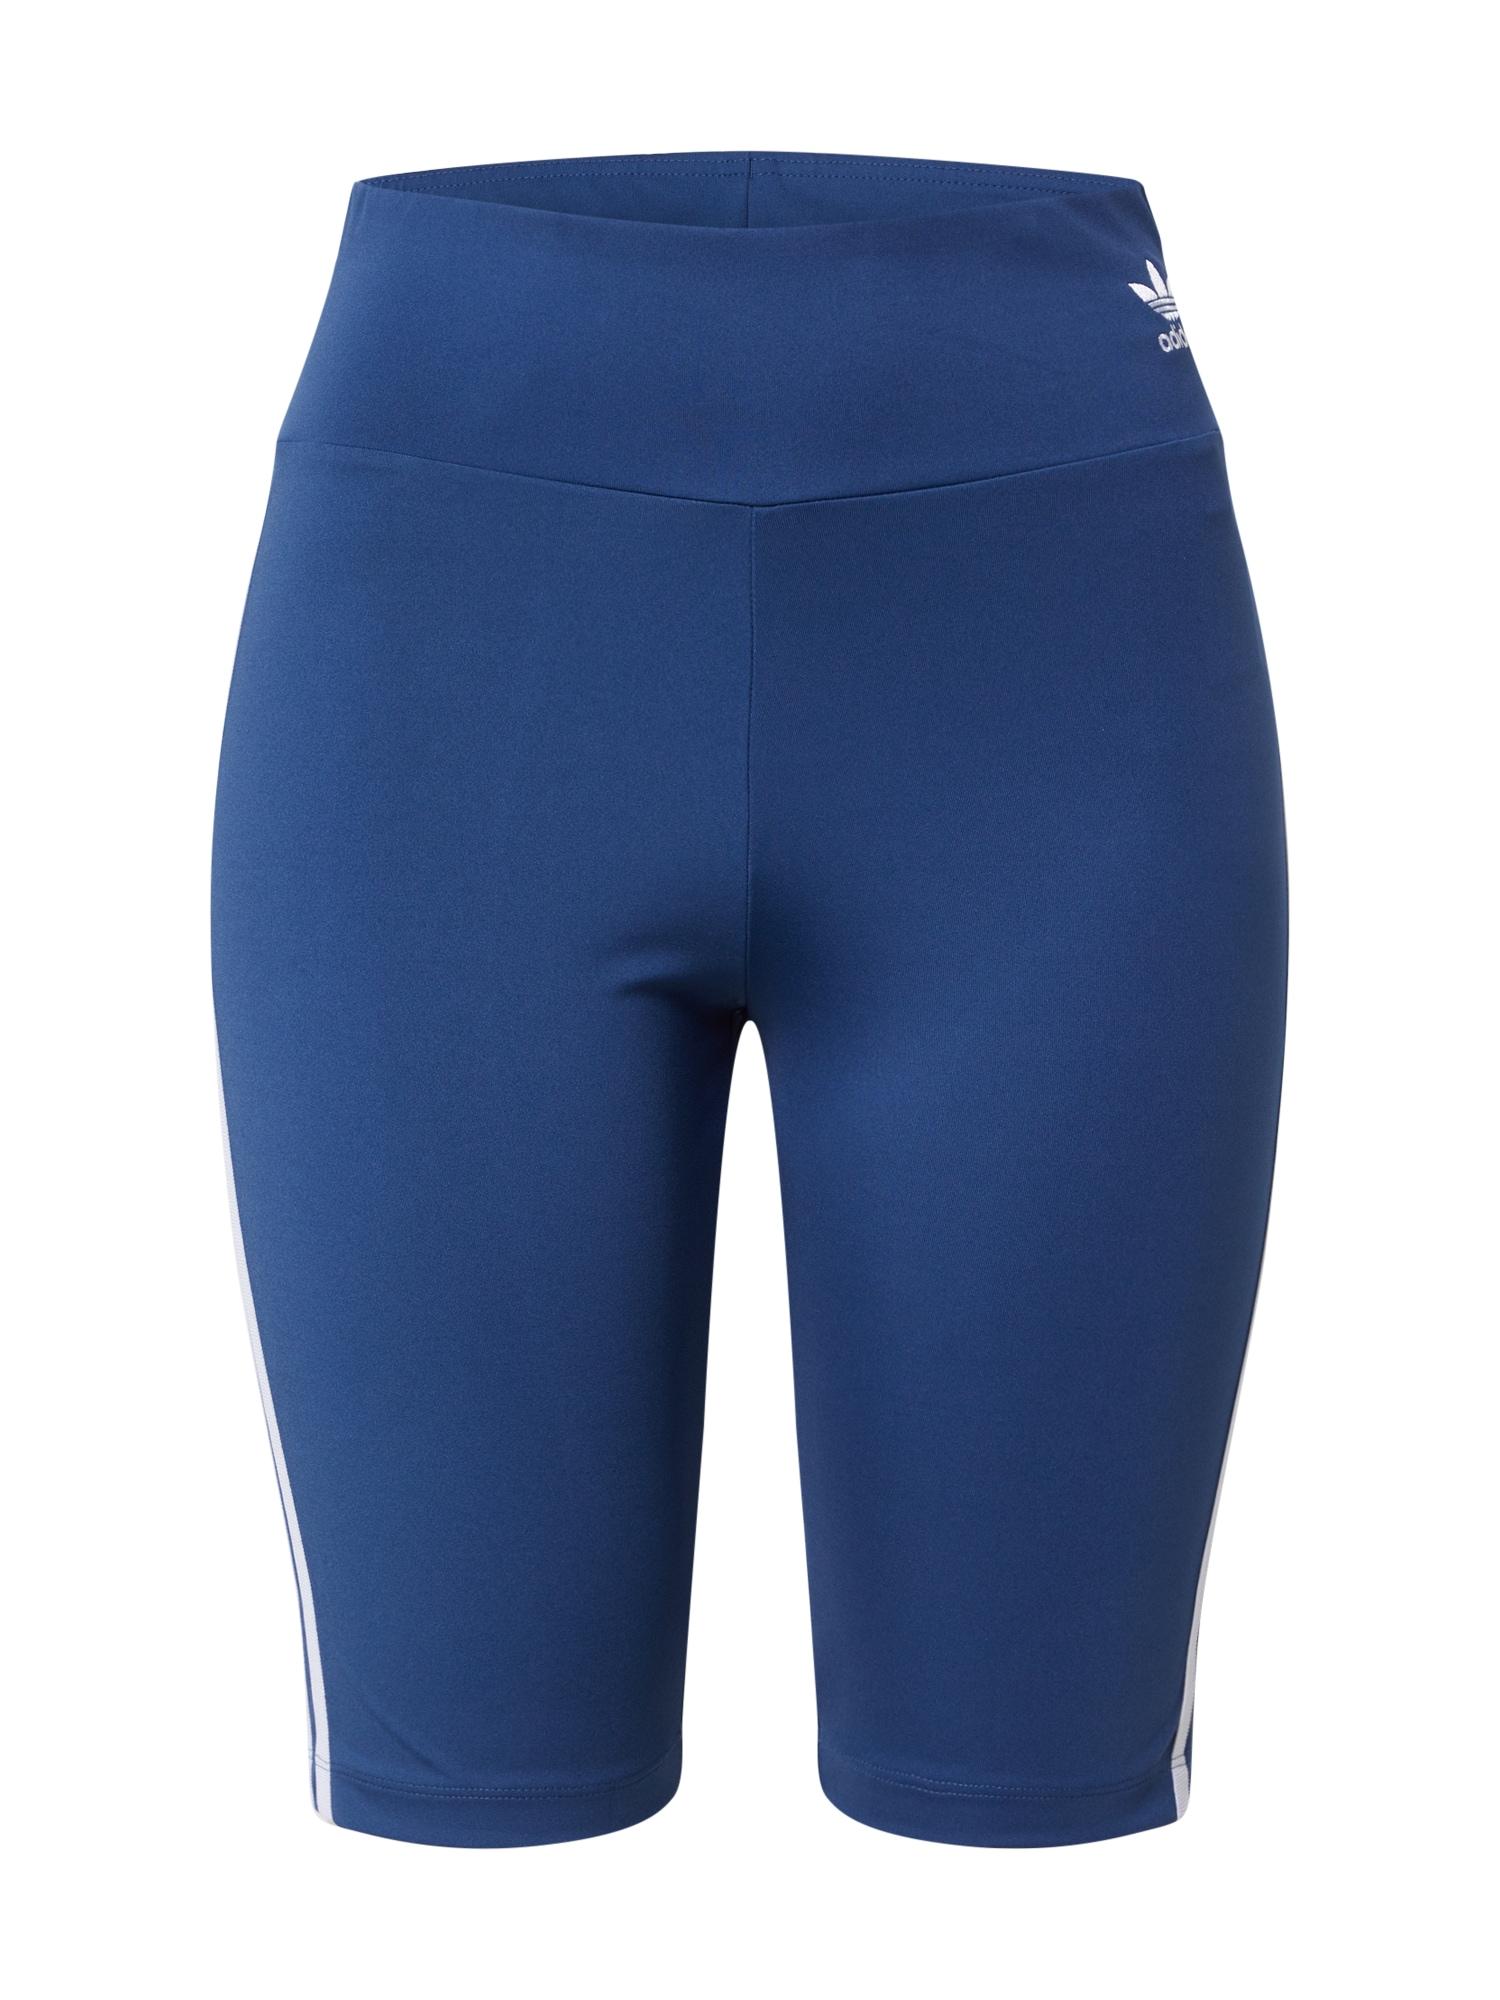 ADIDAS ORIGINALS Tamprės tamsiai mėlyna